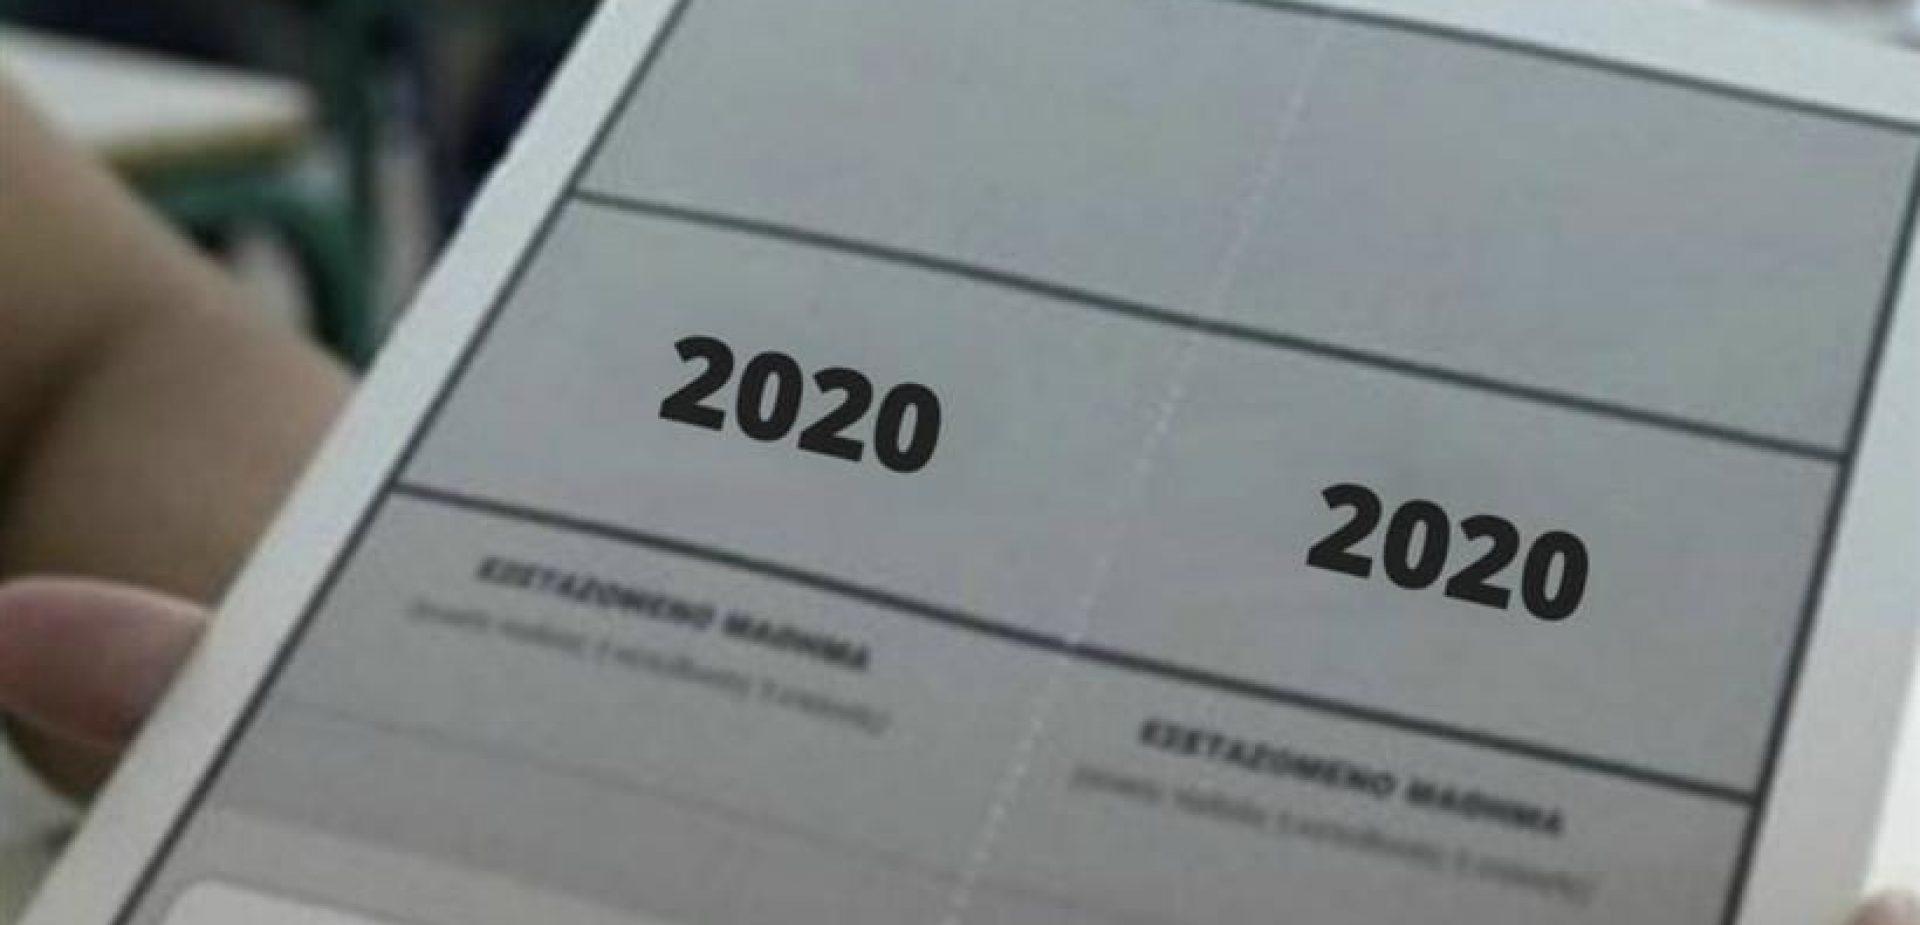 Πανελλαδικές 2020: Ανακοινώθηκαν οι βαθμολογίες